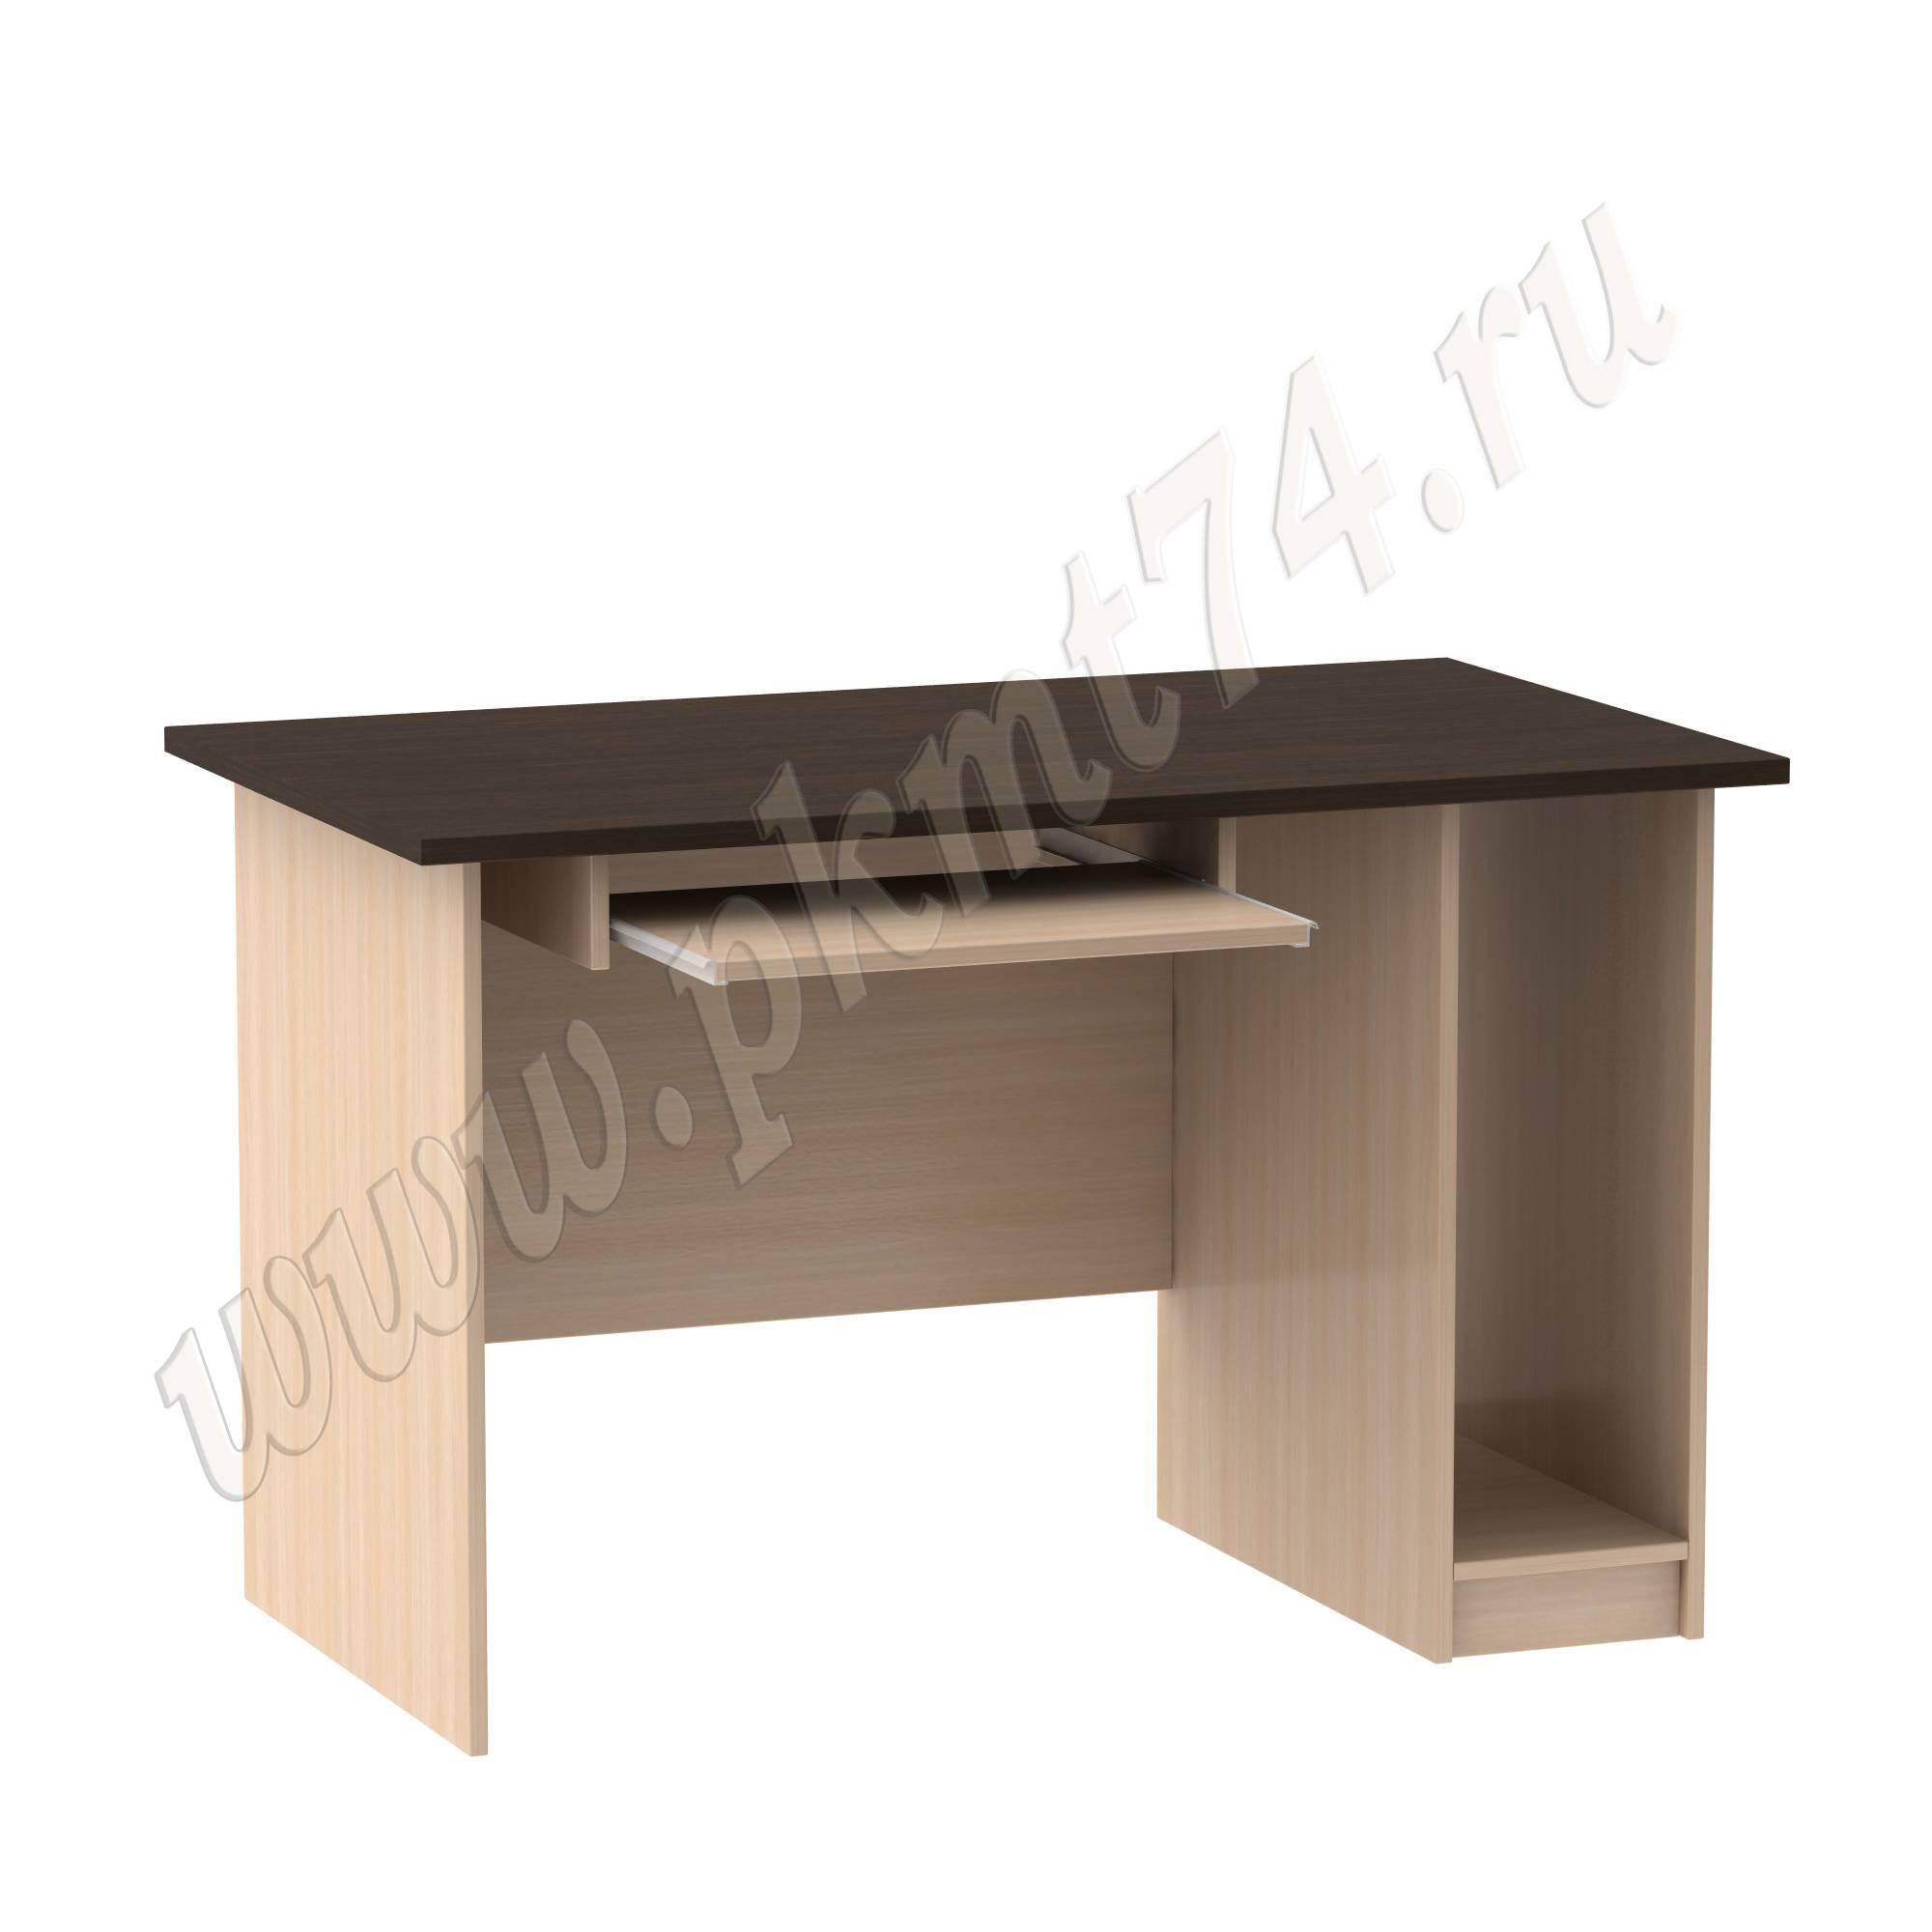 Стол офисный с подставкой под системный блок [Стандартный цвет:: Орех; Цвета ЛДСП на выбор:: Молочный-Венге]